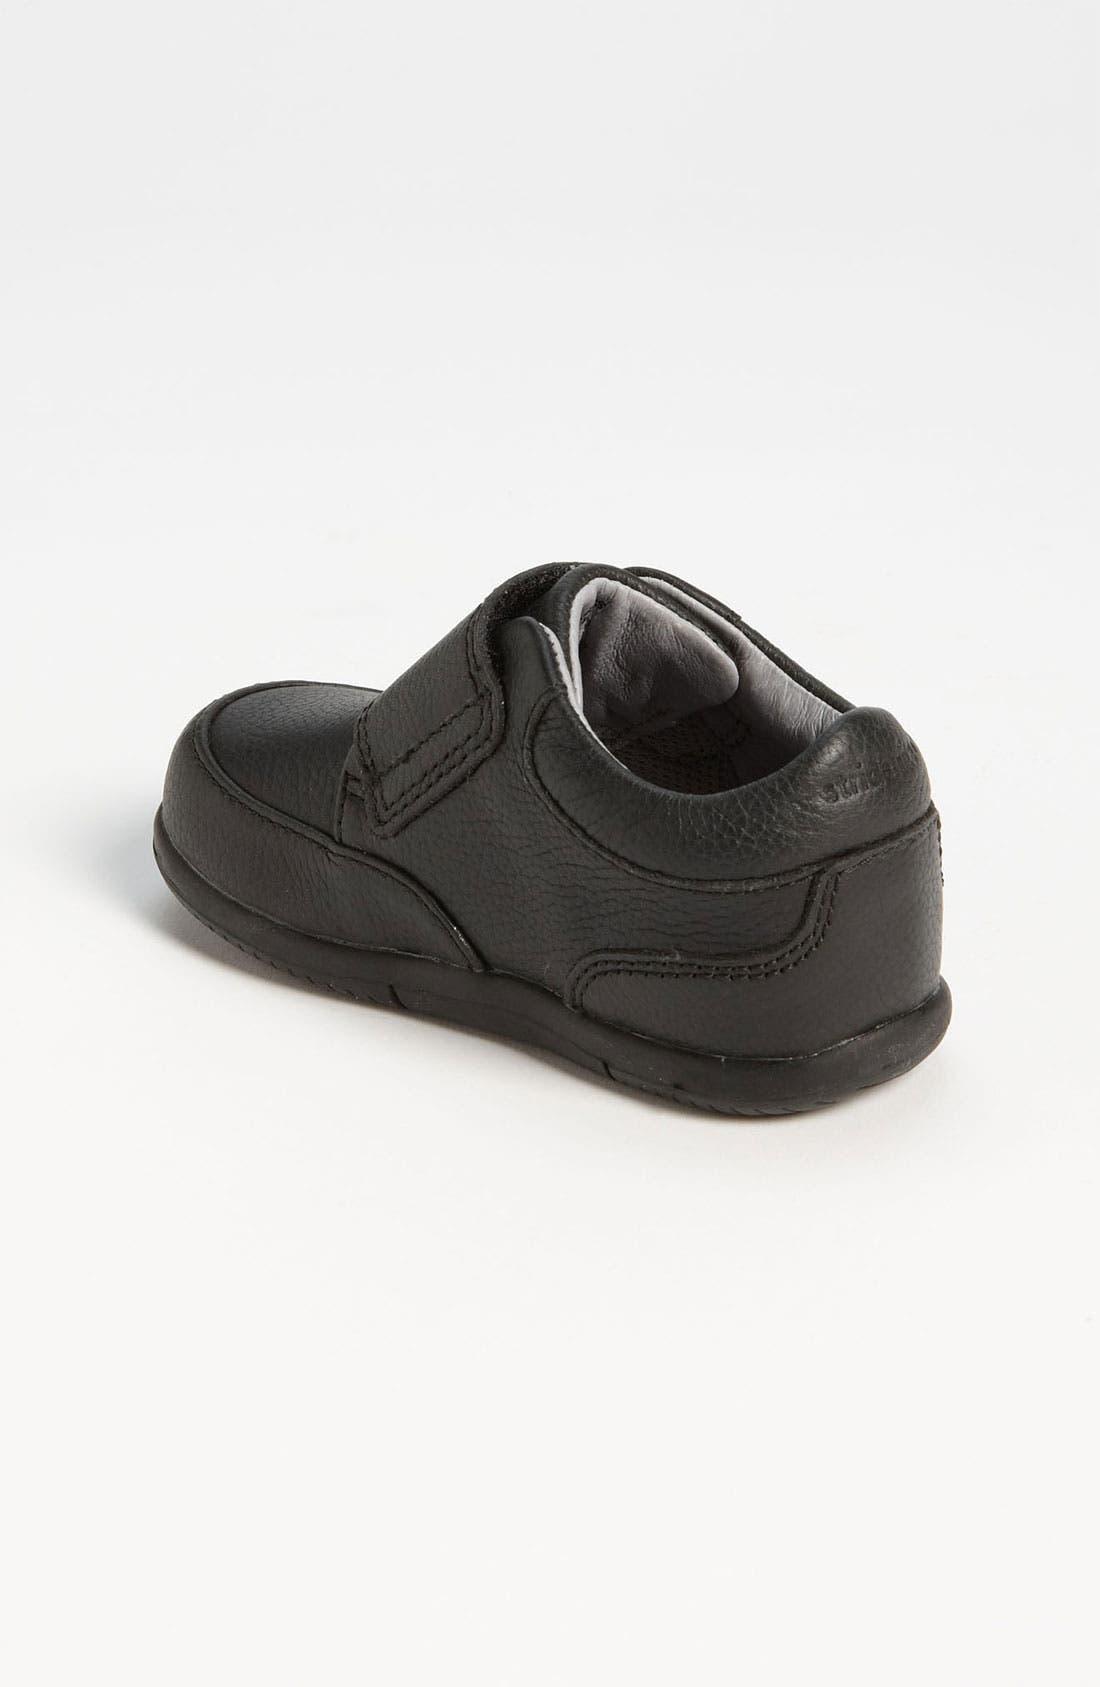 Alternate Image 2  - Stride Rite 'Ross' Dress Shoe (Baby, Walker & Toddler)